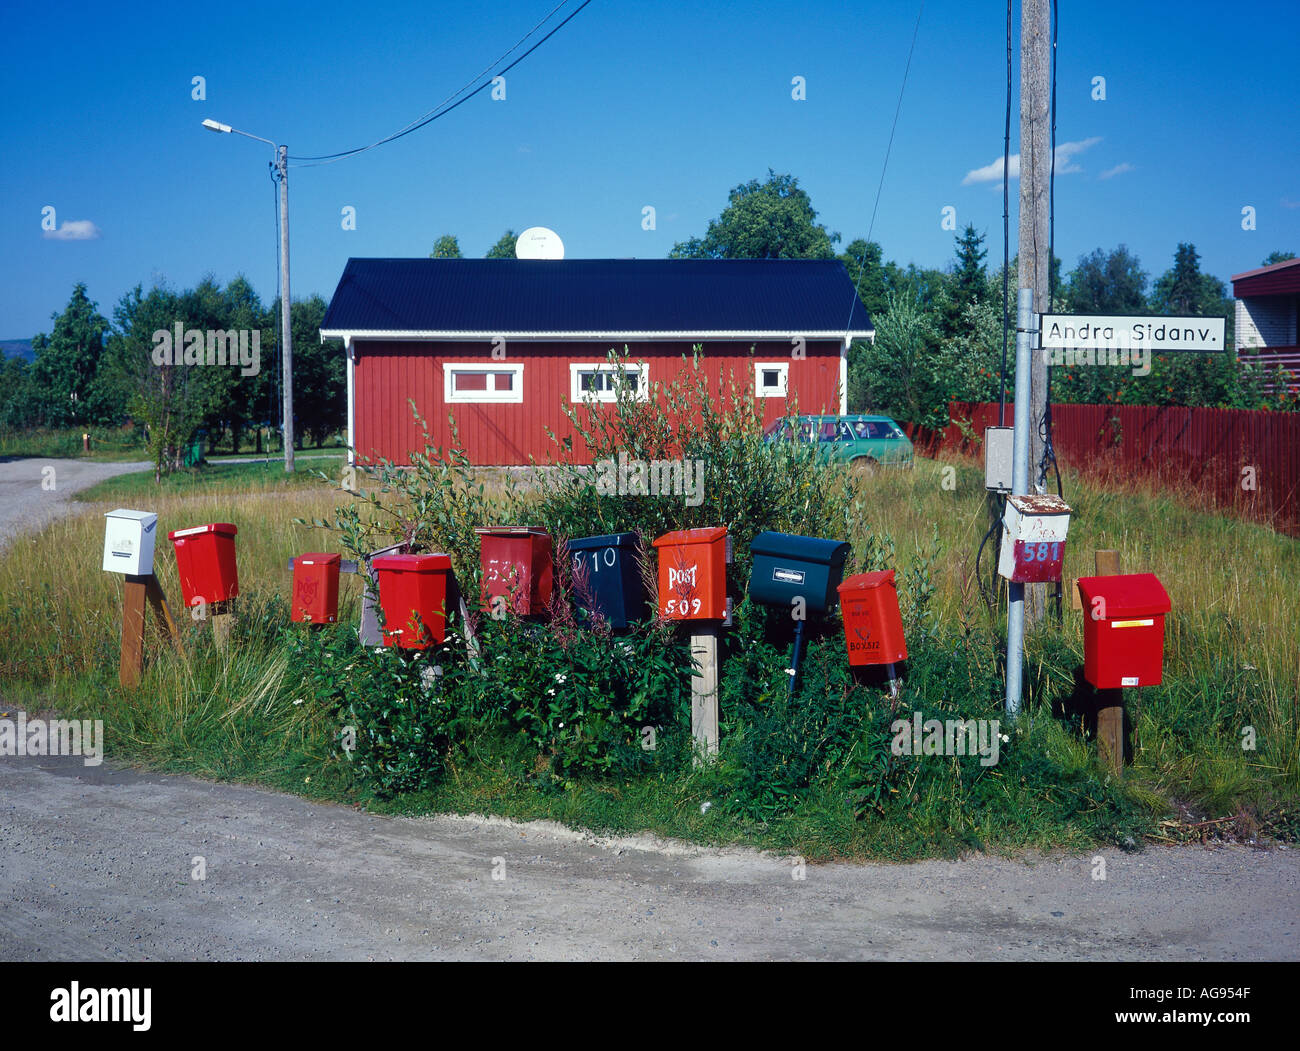 GALLIVARE NORRBOTTENS SWEDEN Europe Sweden - Stock Image